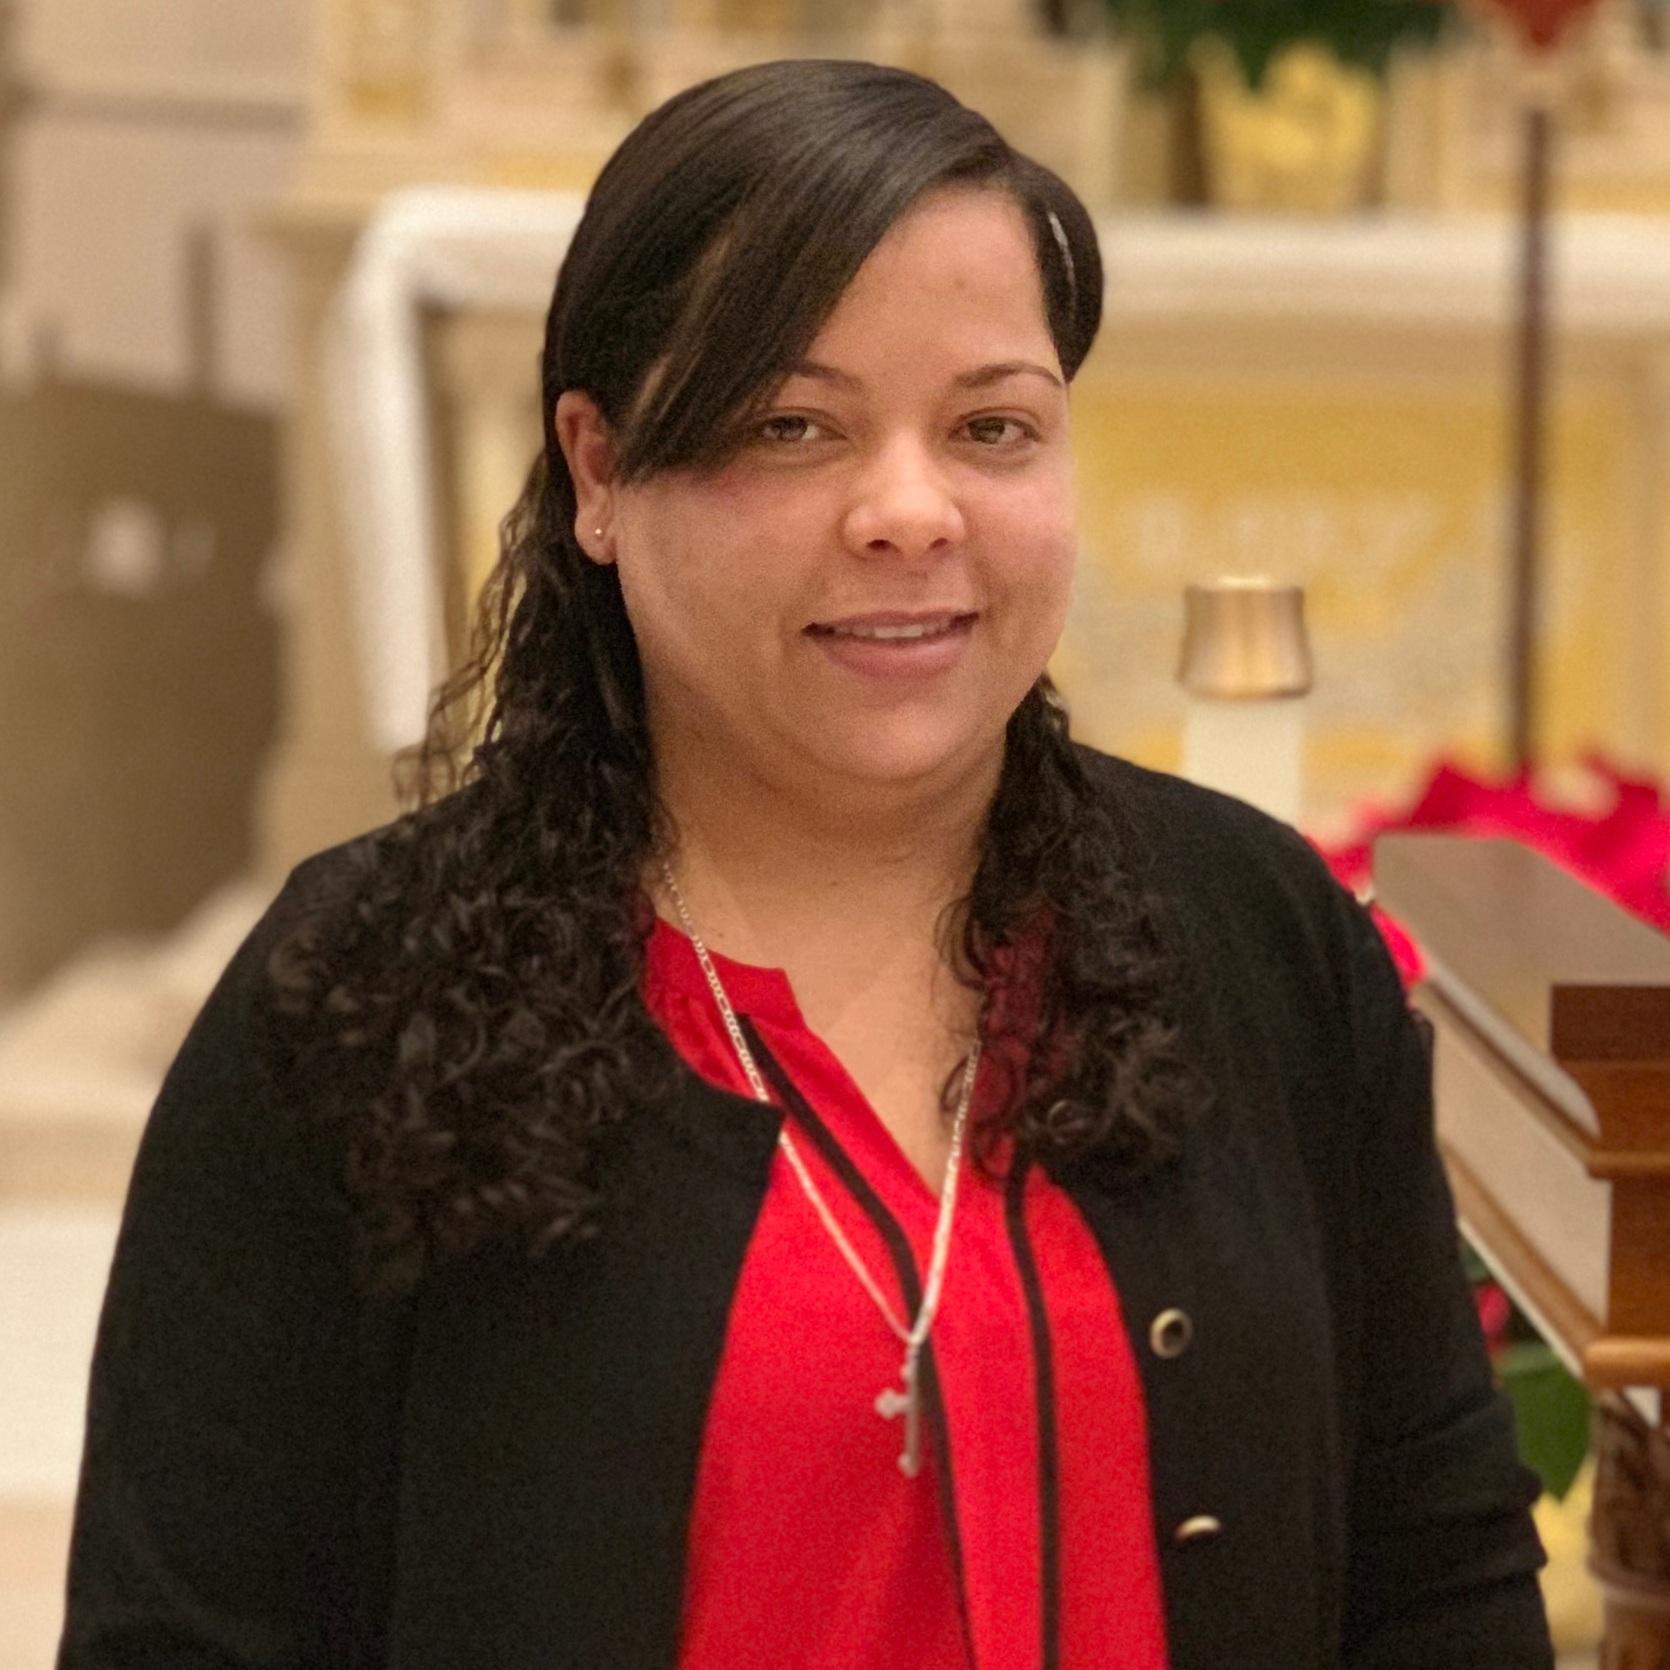 Fernanda Marques, RSHM